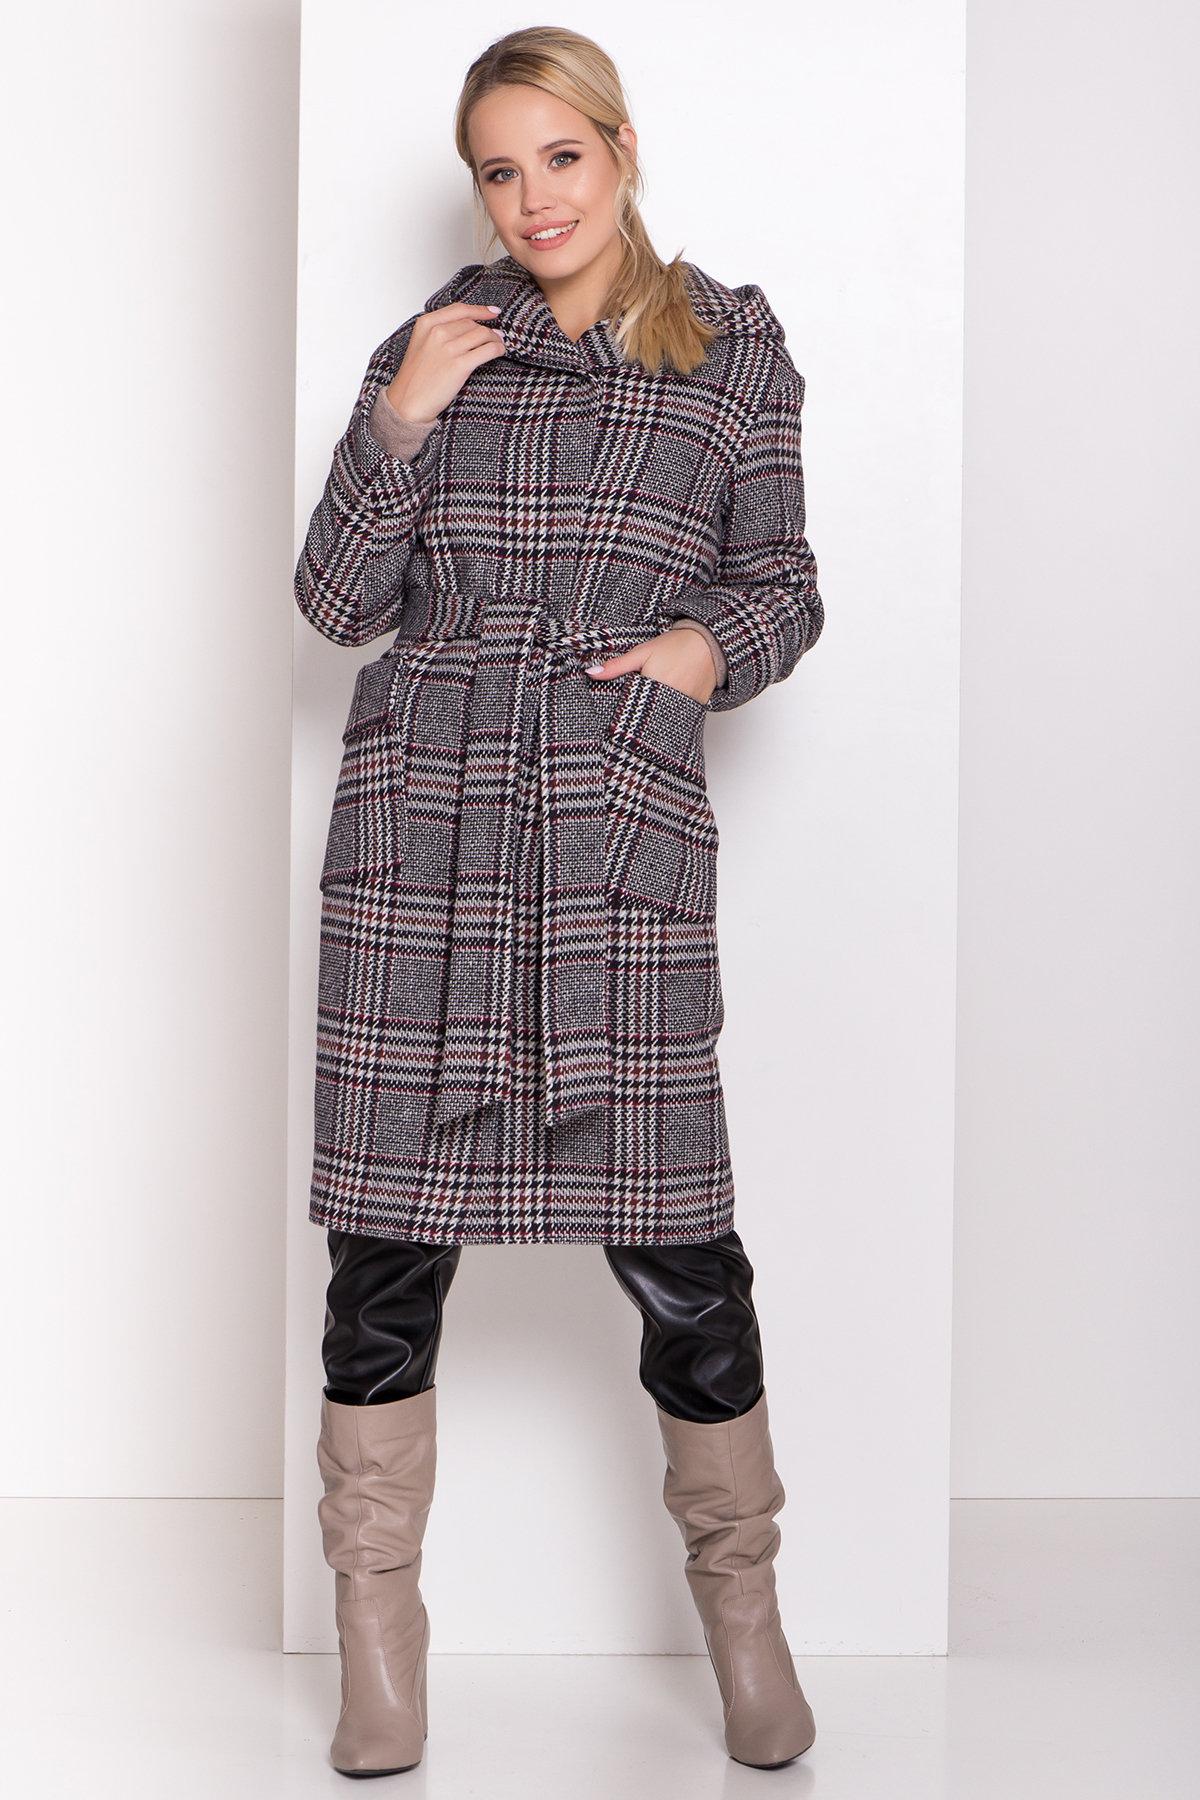 Зимнее пальто в стильную клетку Анджи 8276 АРТ. 44724 Цвет: Клетка кр черн/сер/вин - фото 1, интернет магазин tm-modus.ru